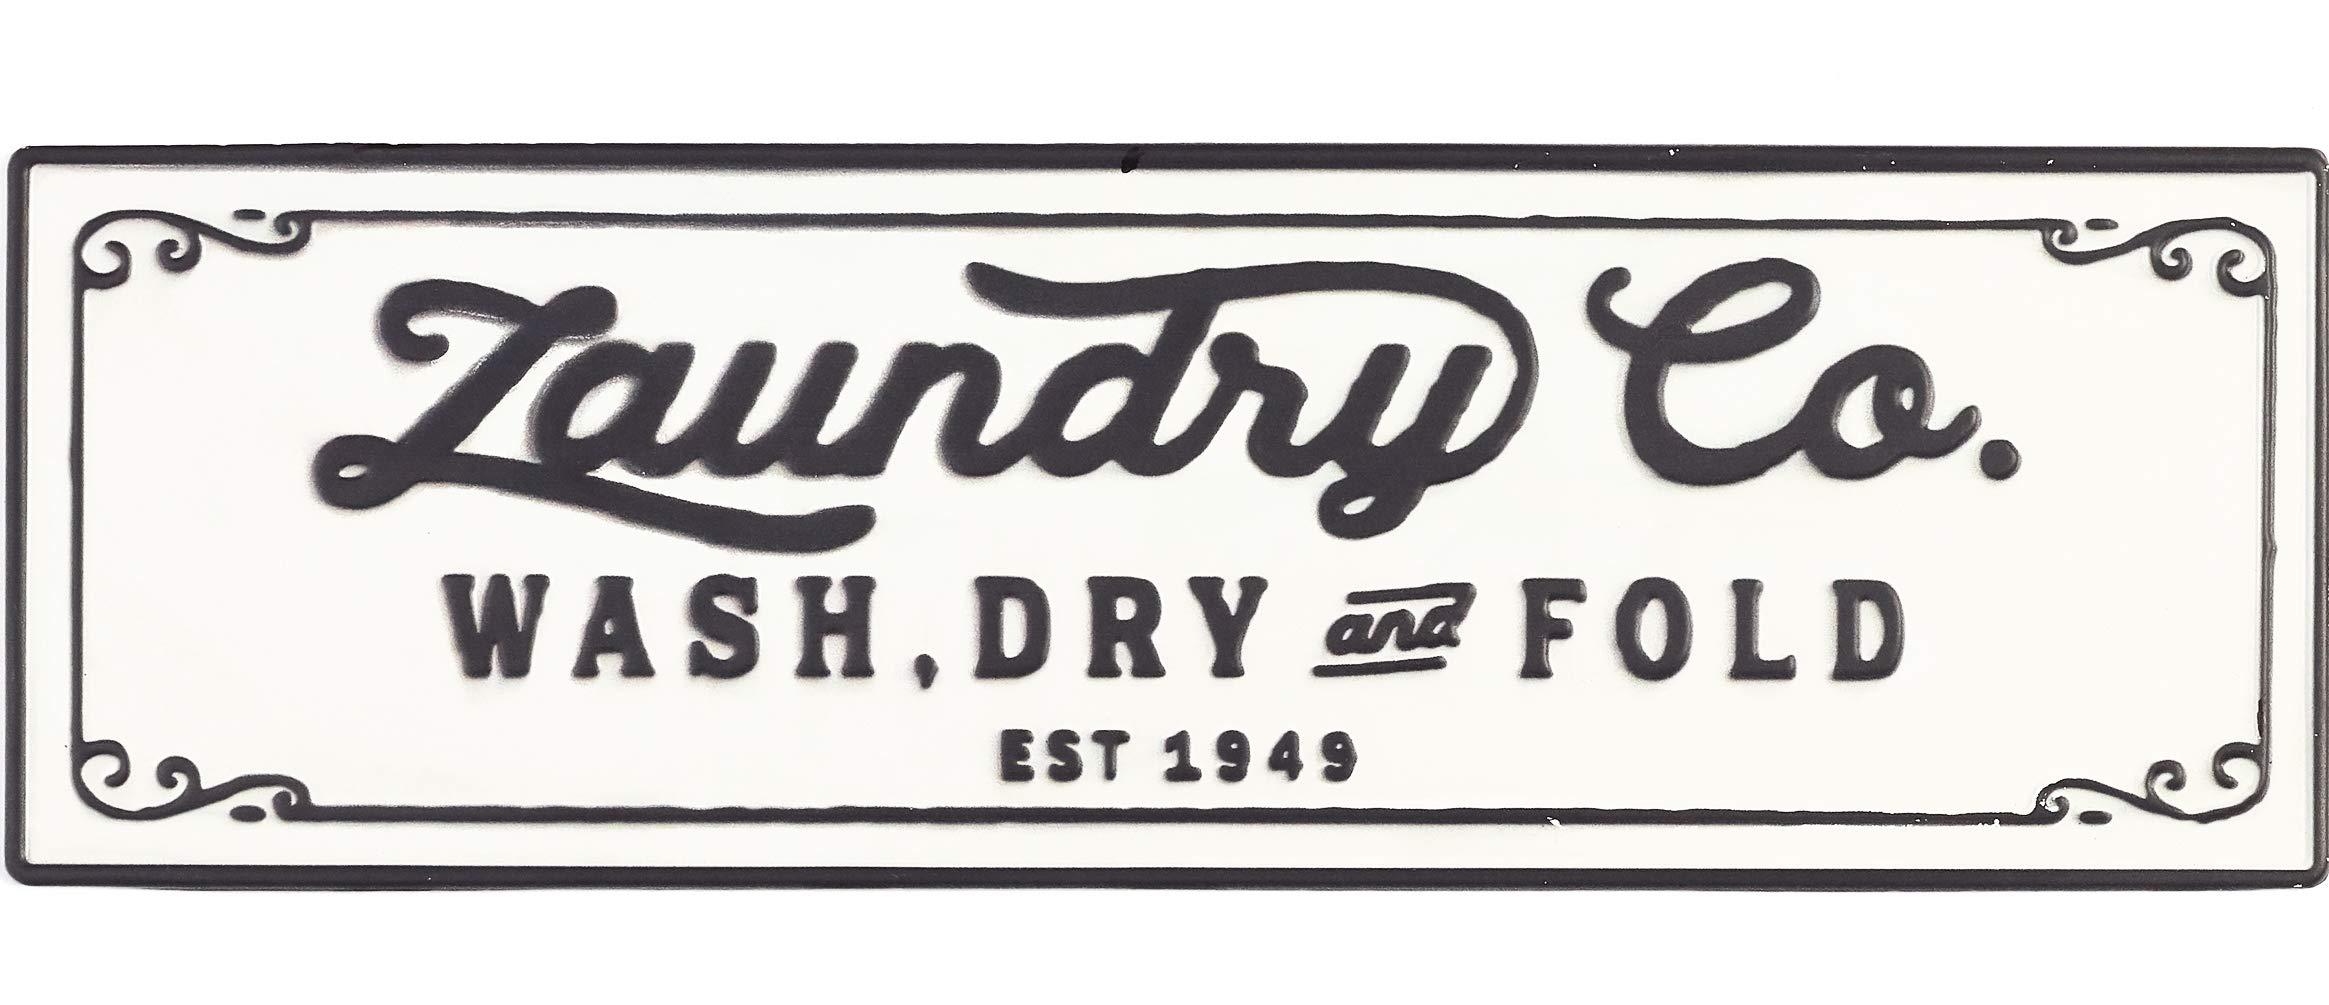 Accents de Ville Laundry Co. Vintage Farmhouse Metal Sign for Laundry Room Decor by Accents de Ville